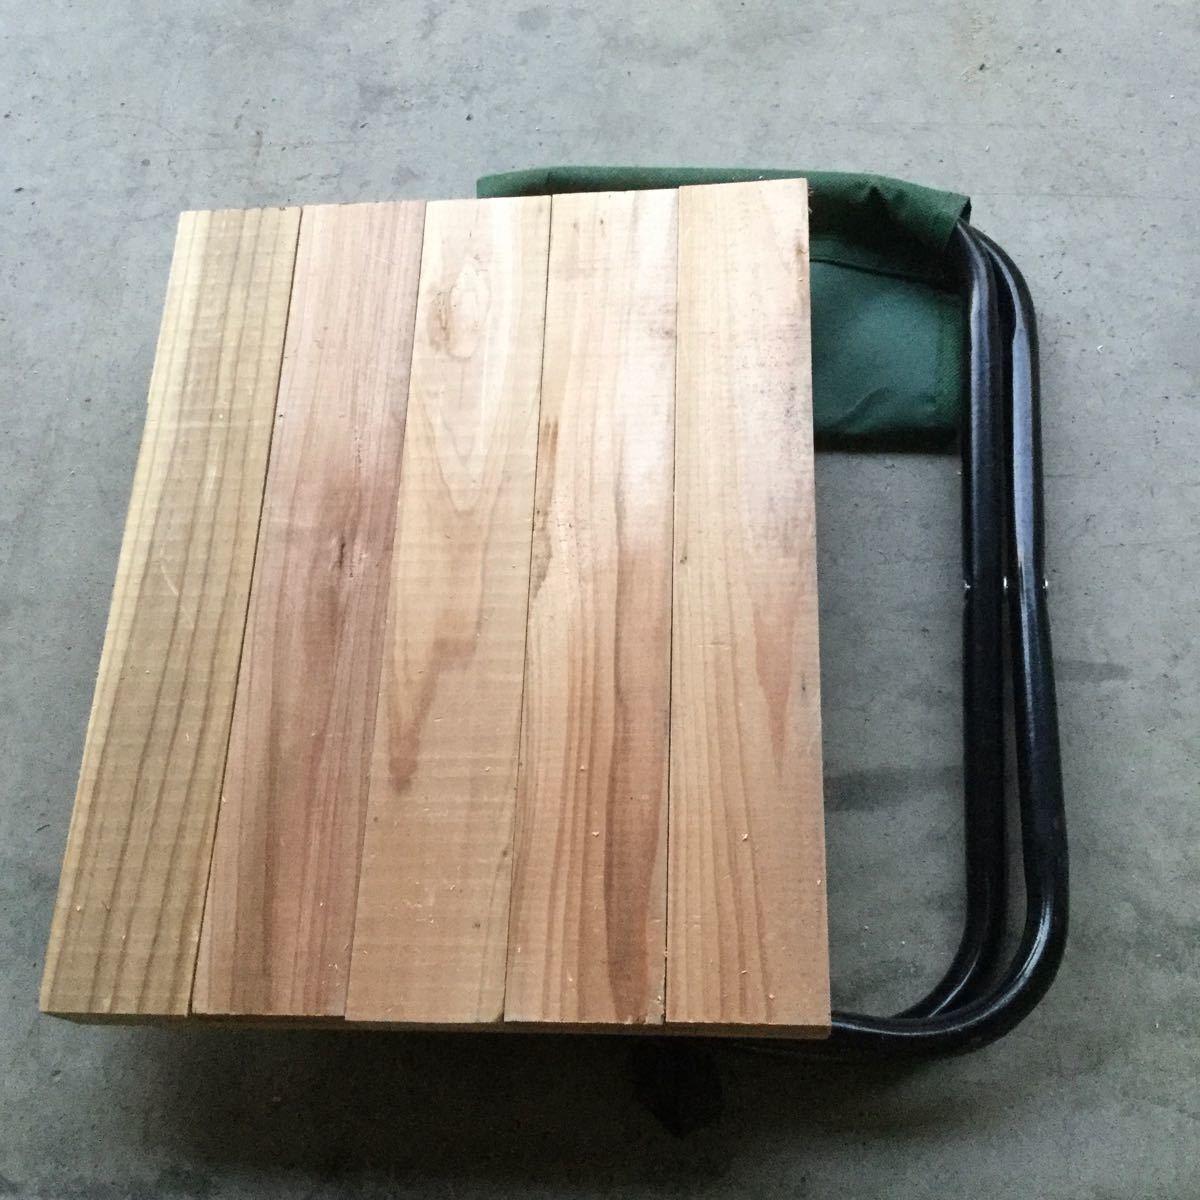 折り畳み椅子用天板 ミニテーブル 杉無垢材 トールペイント パーツ